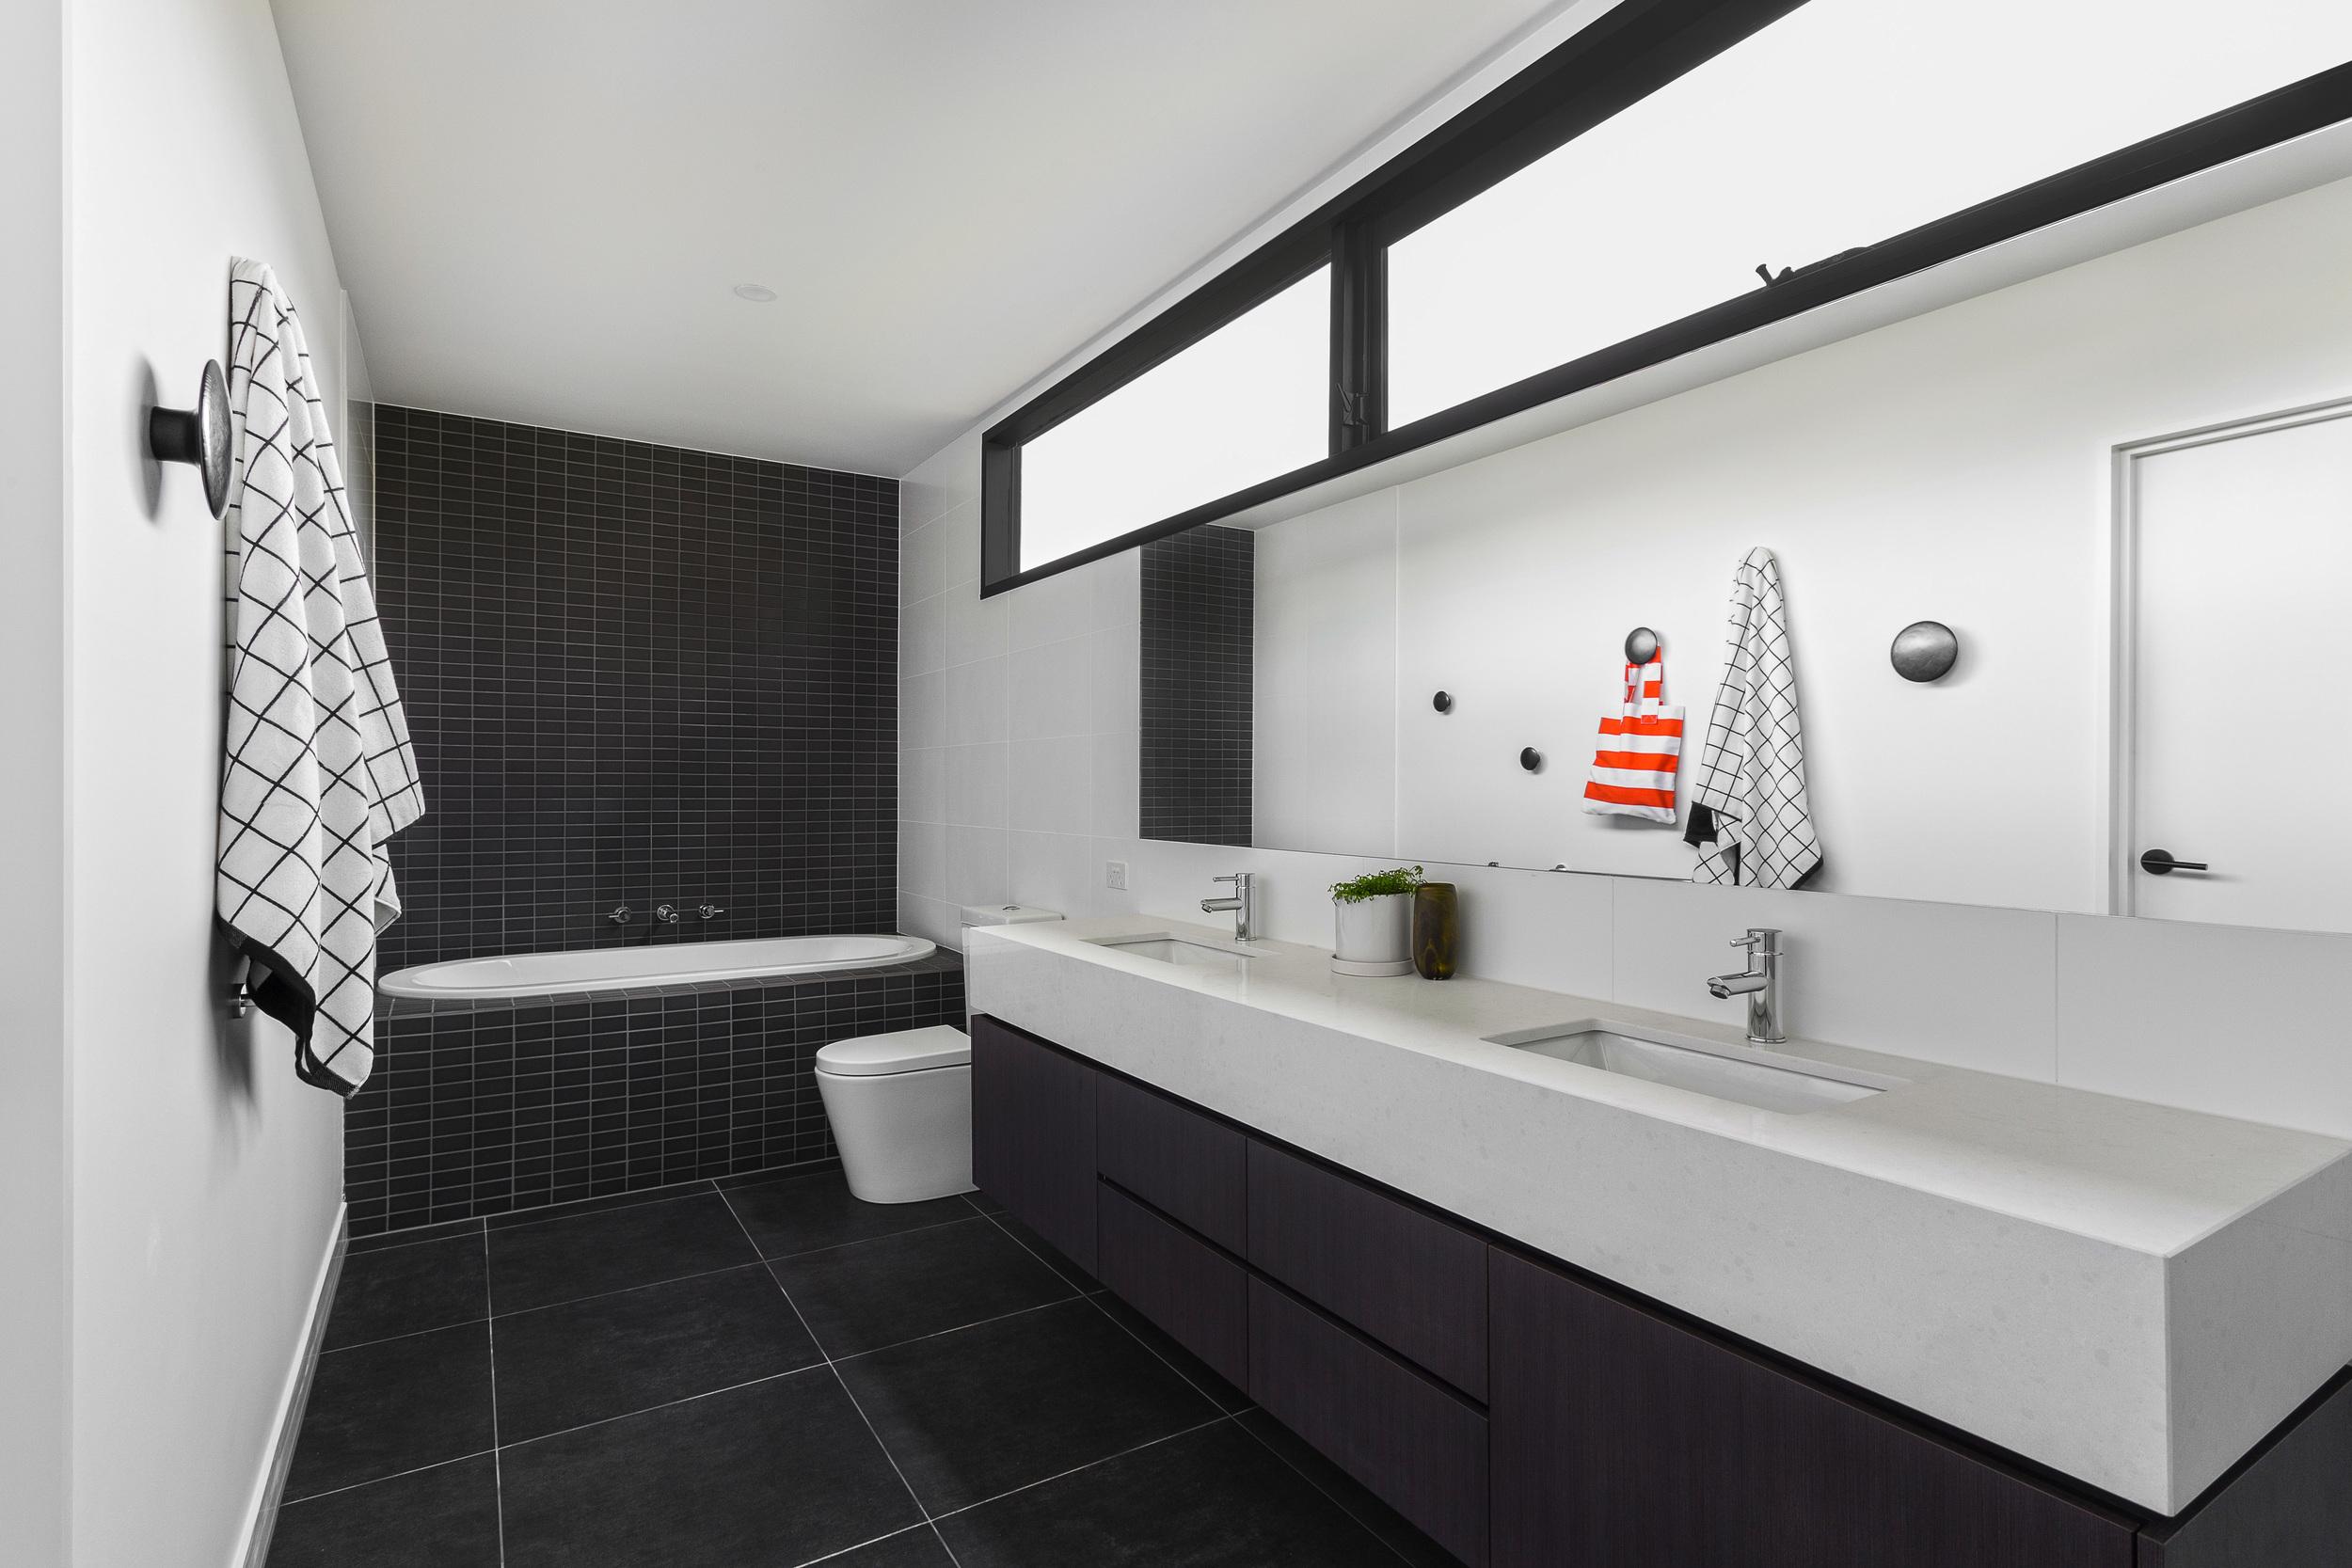 Bathroom_2_mg_4408.jpg